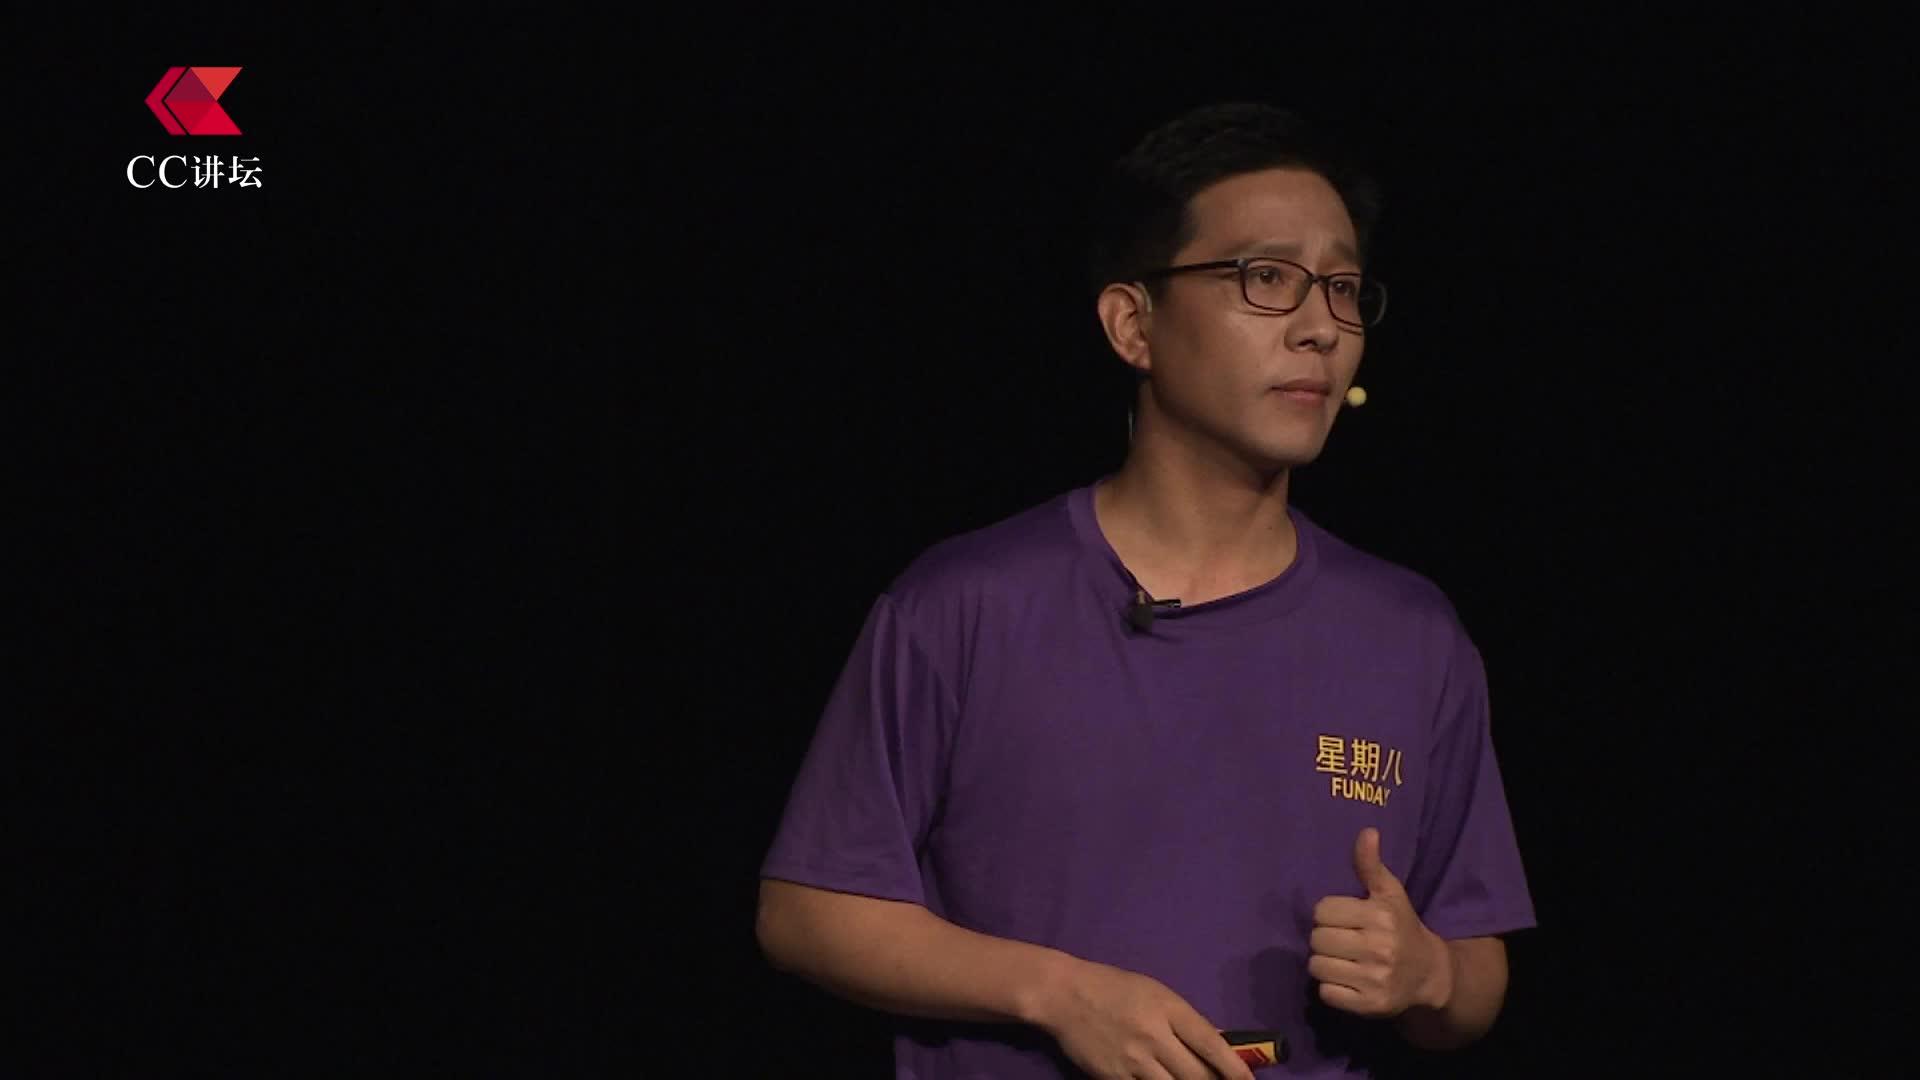 """CC讲坛——王富青:""""为什么要为老年人设计游戏"""